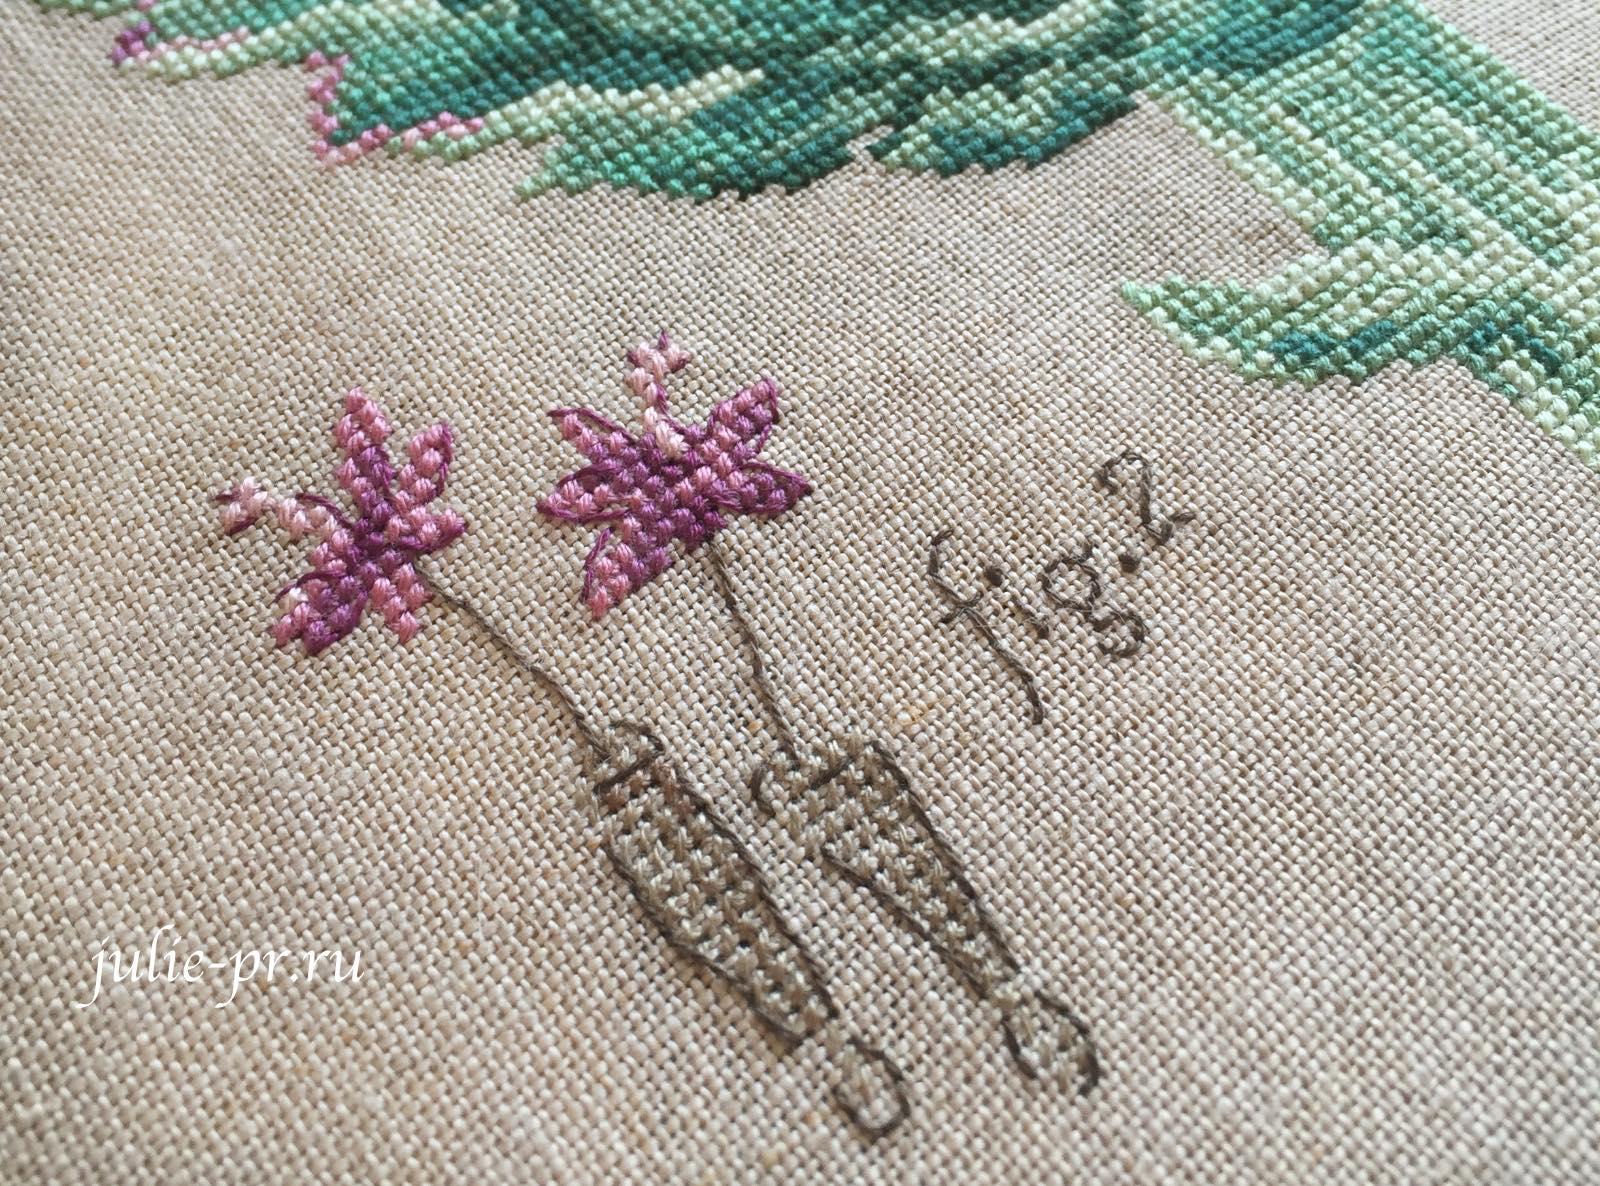 Артишок, вышивка крестом, Veronique Enginger, les brodeuses parisiennes, парижские вышивальщицы